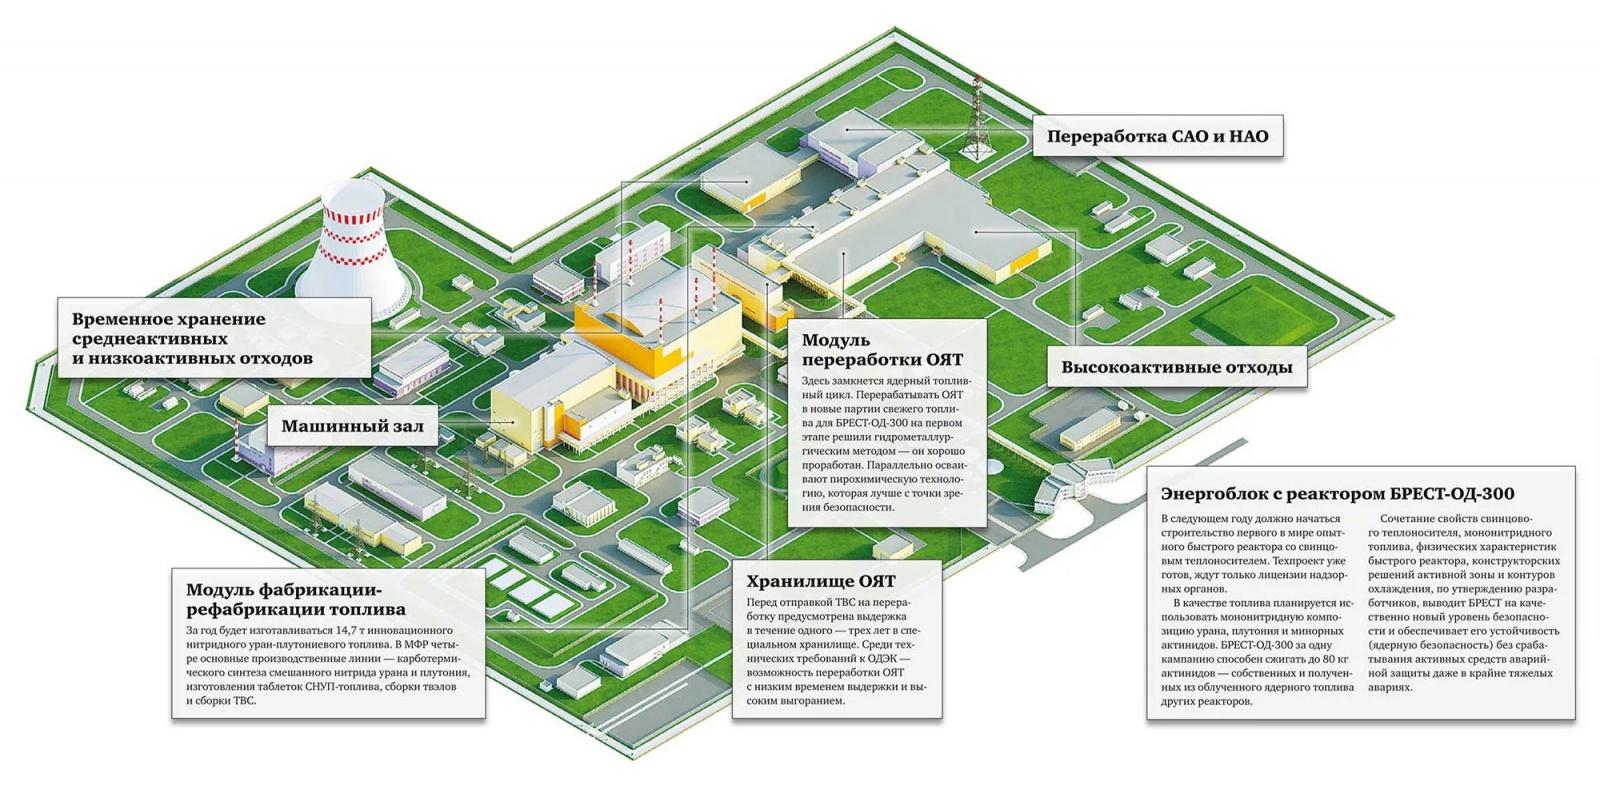 Реактор БРЕСТ-300 и замкнутый цикл в ядерной энергетике - 10